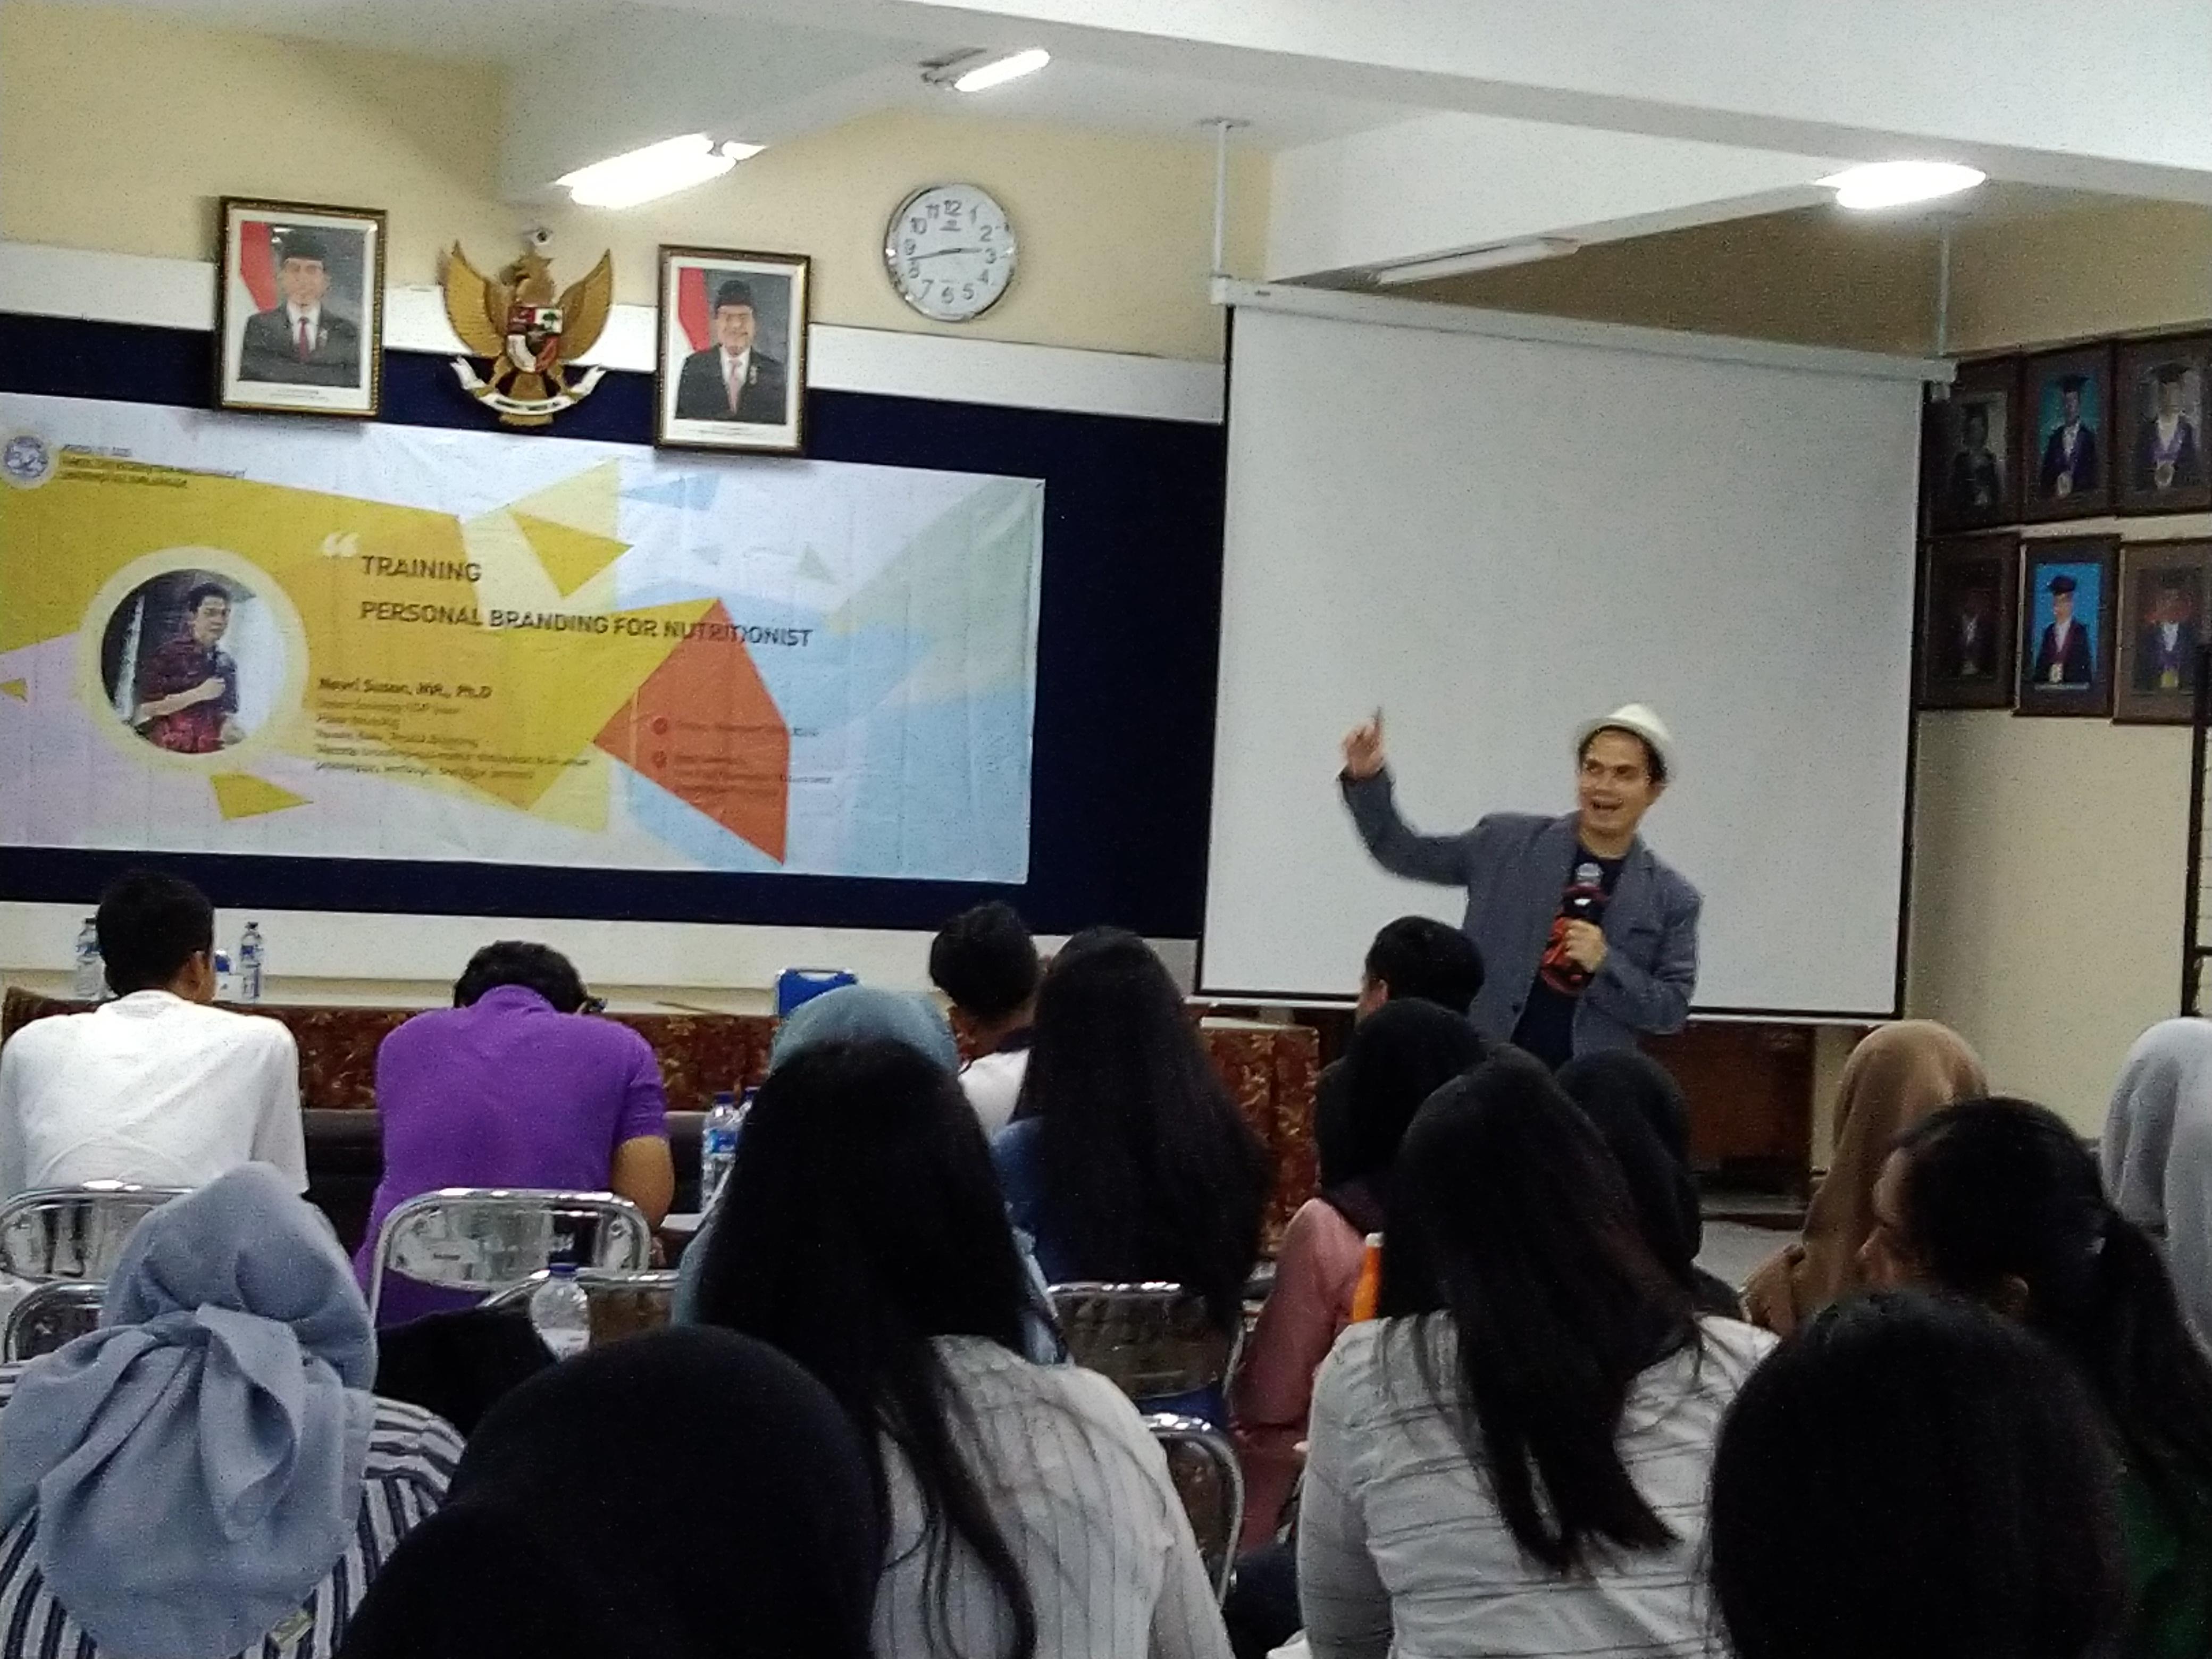 Personal Branding for Nutritionist: Strategi Gapai Sukses di Era Digital